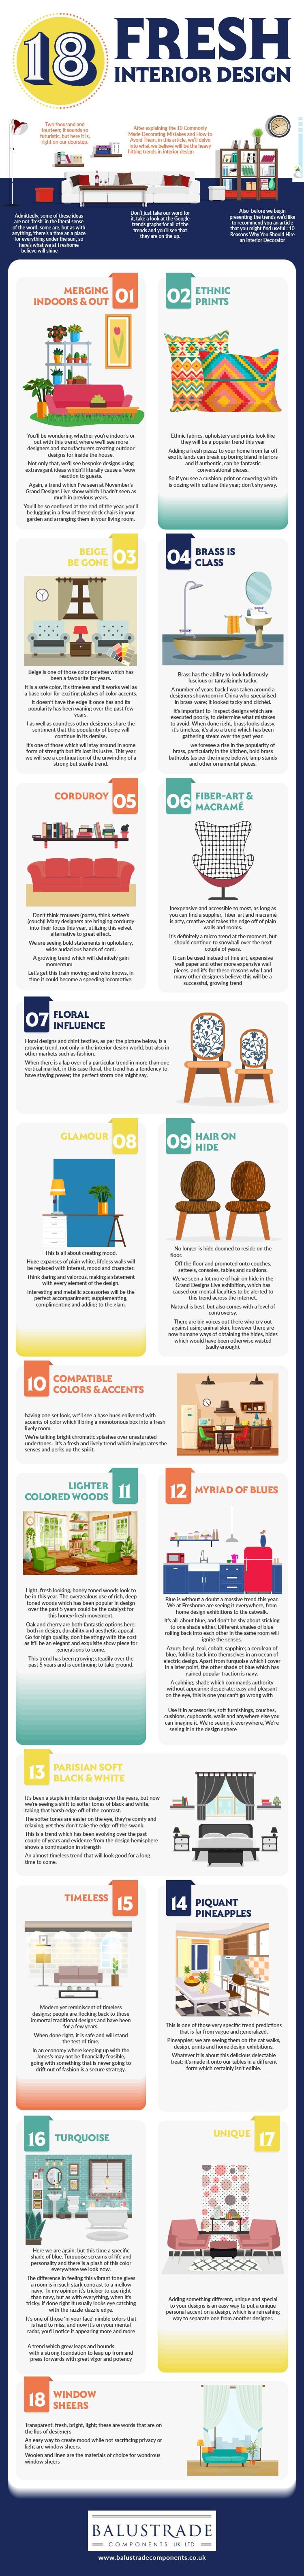 18 Fresh Interior Design Trends